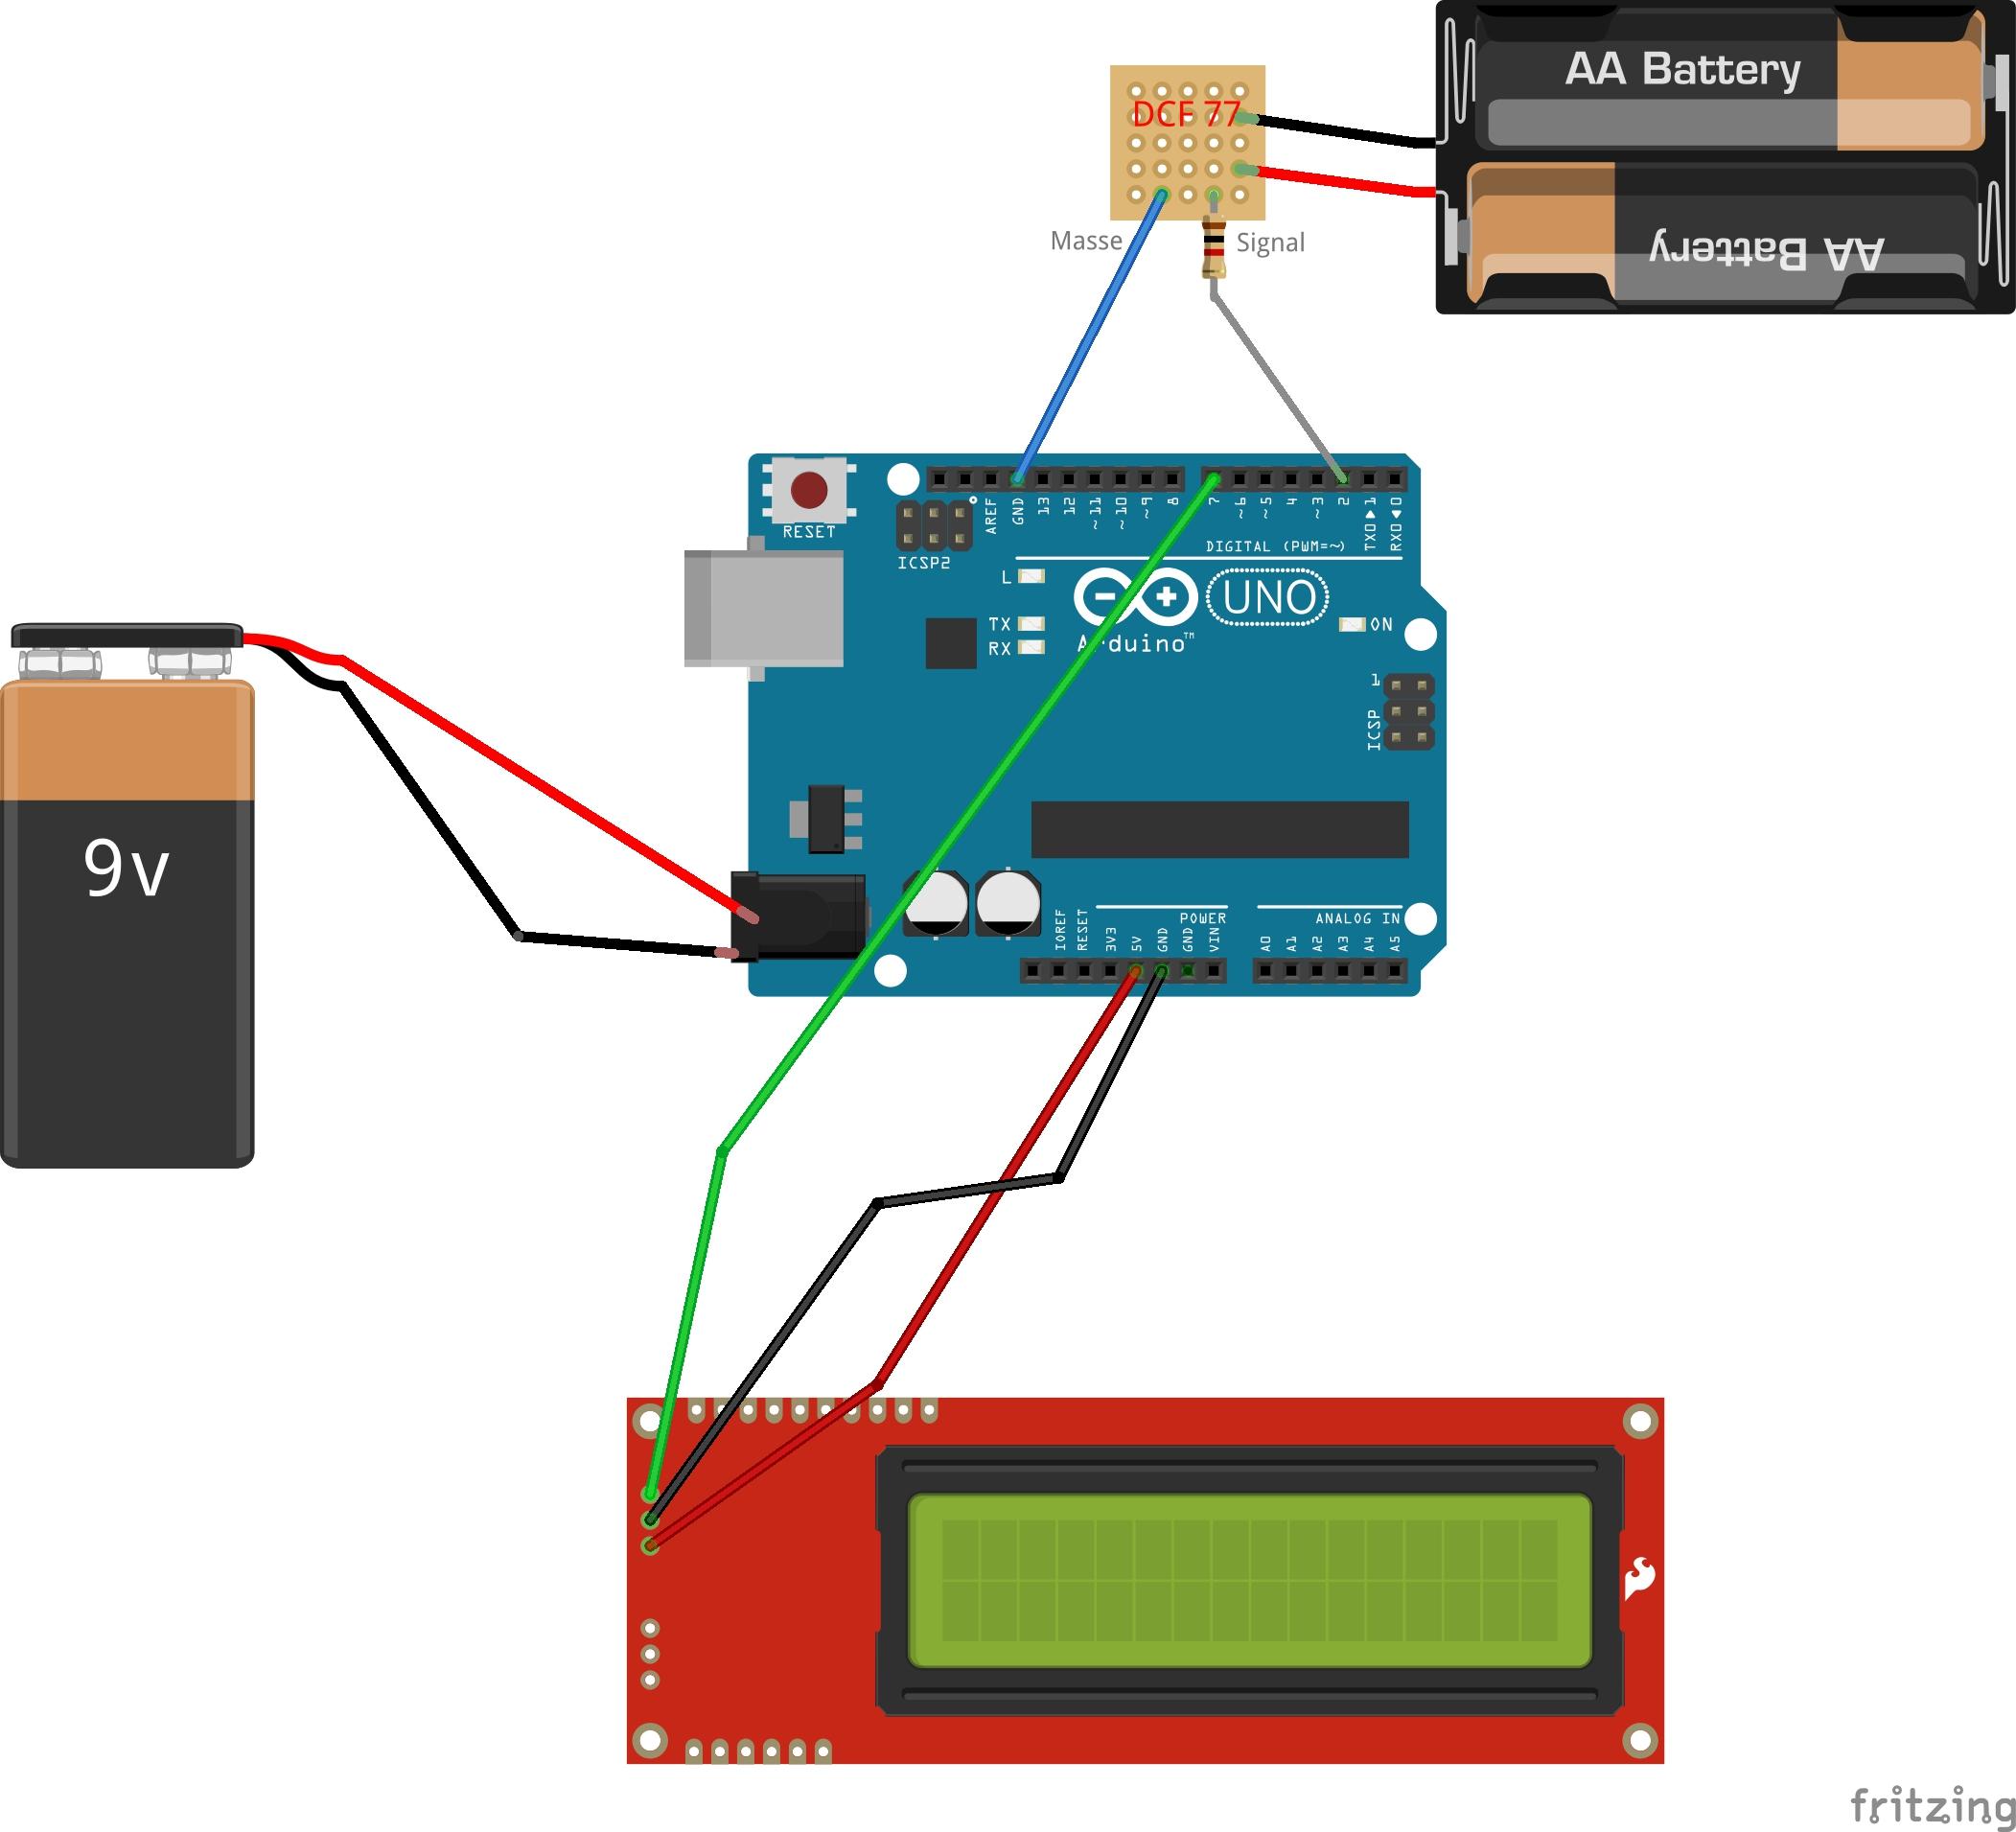 DCF77-Signale dekodieren (Anzeige auf LCD)